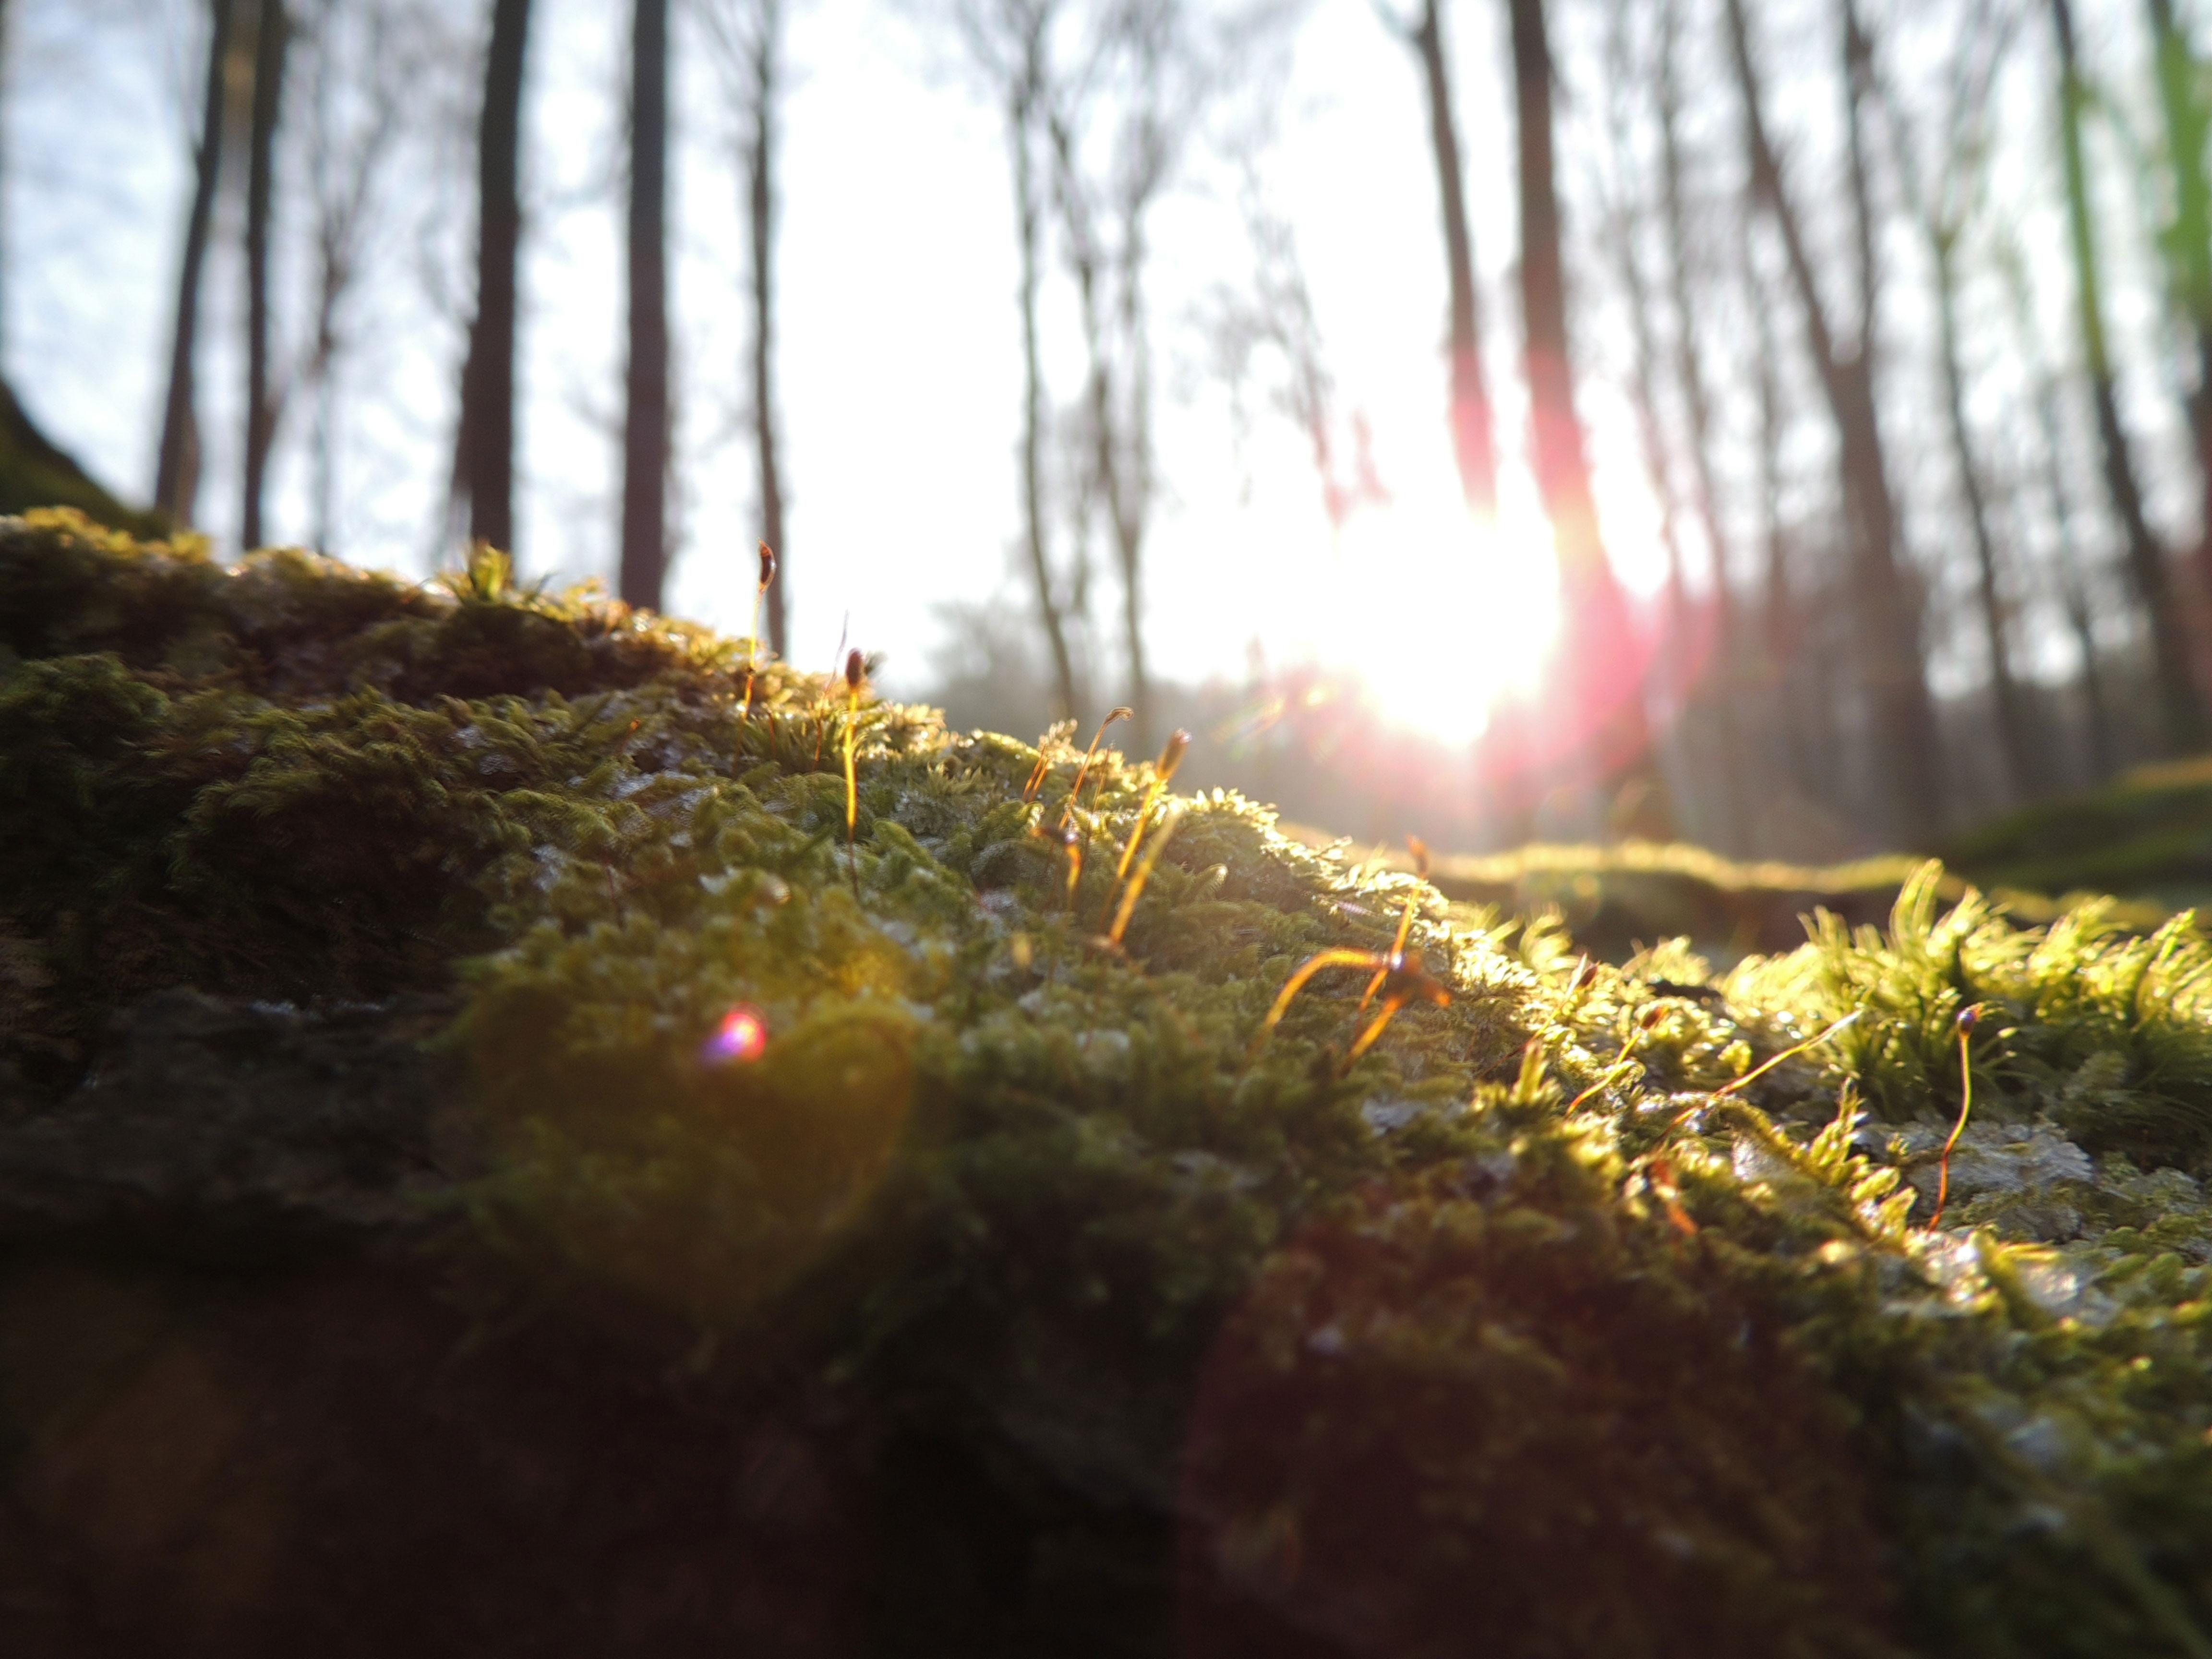 Bild - Moos in der Sonne